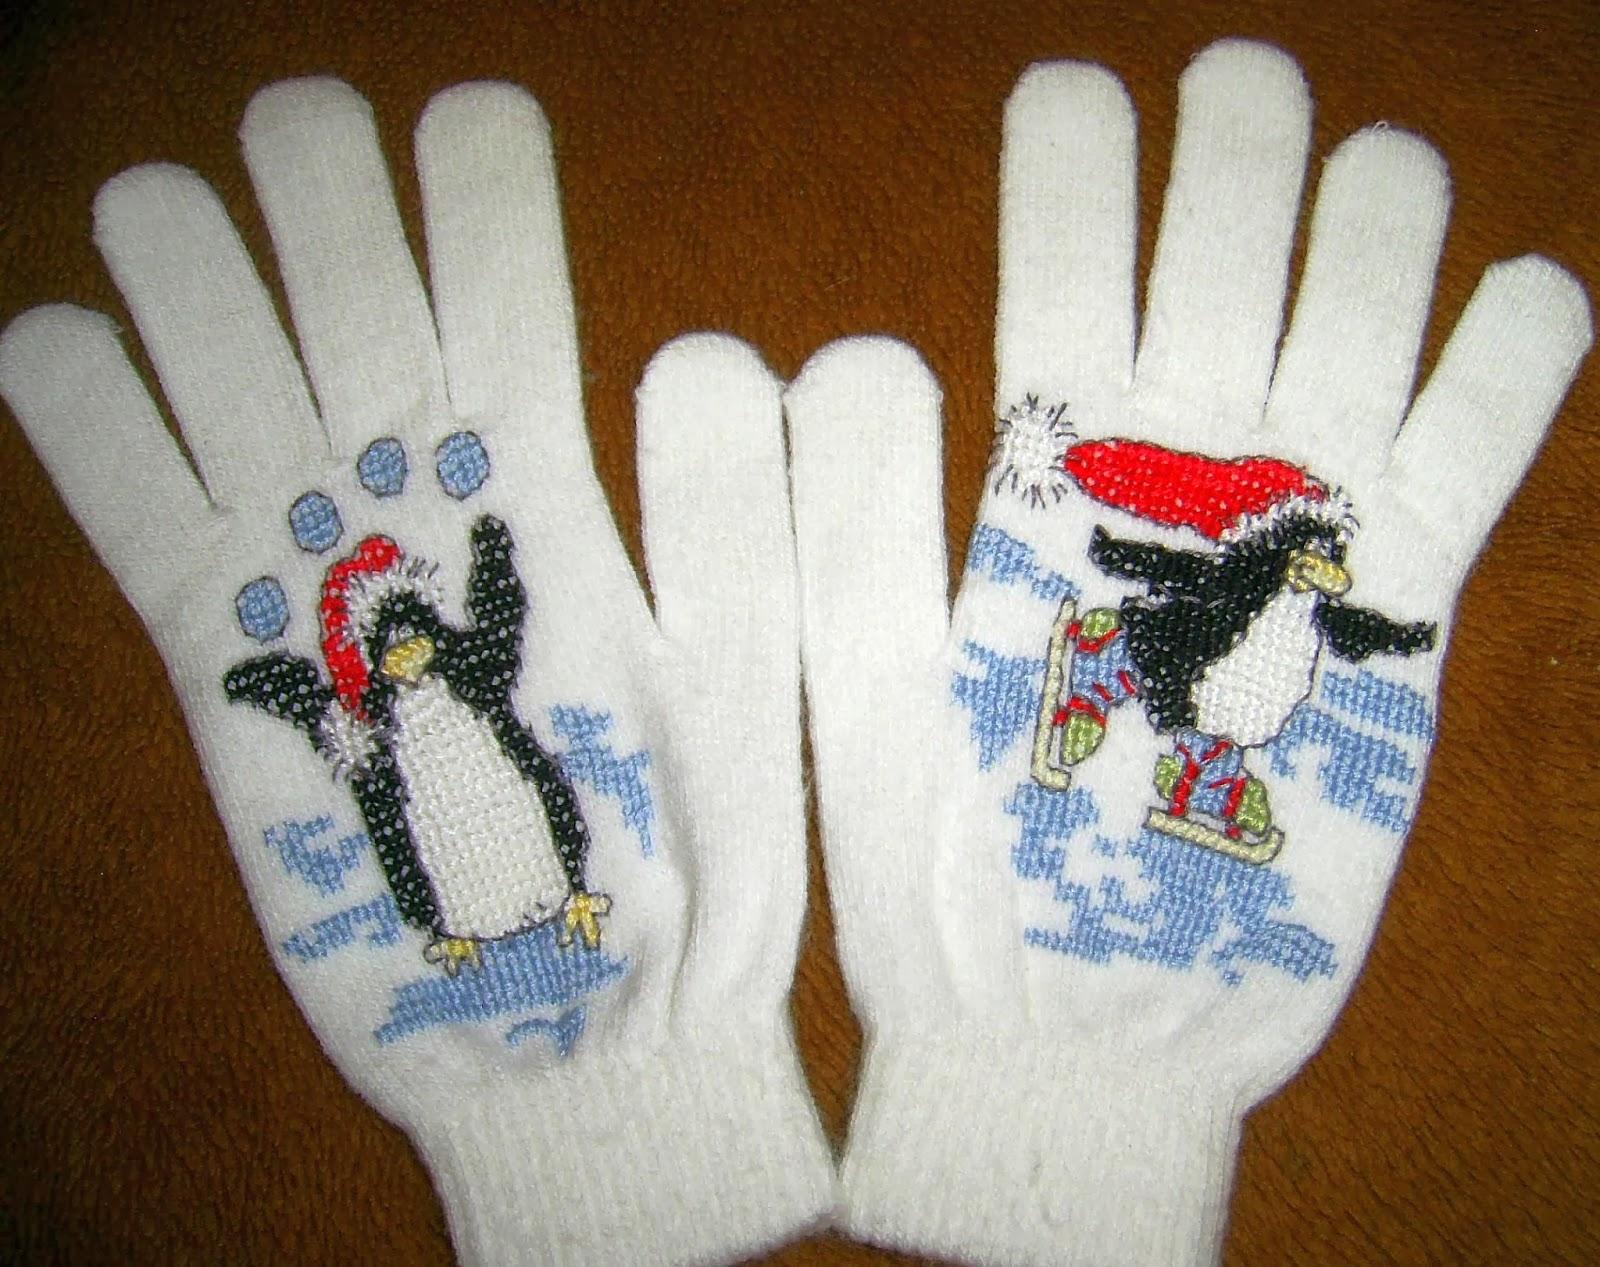 Вышивка на перчатках